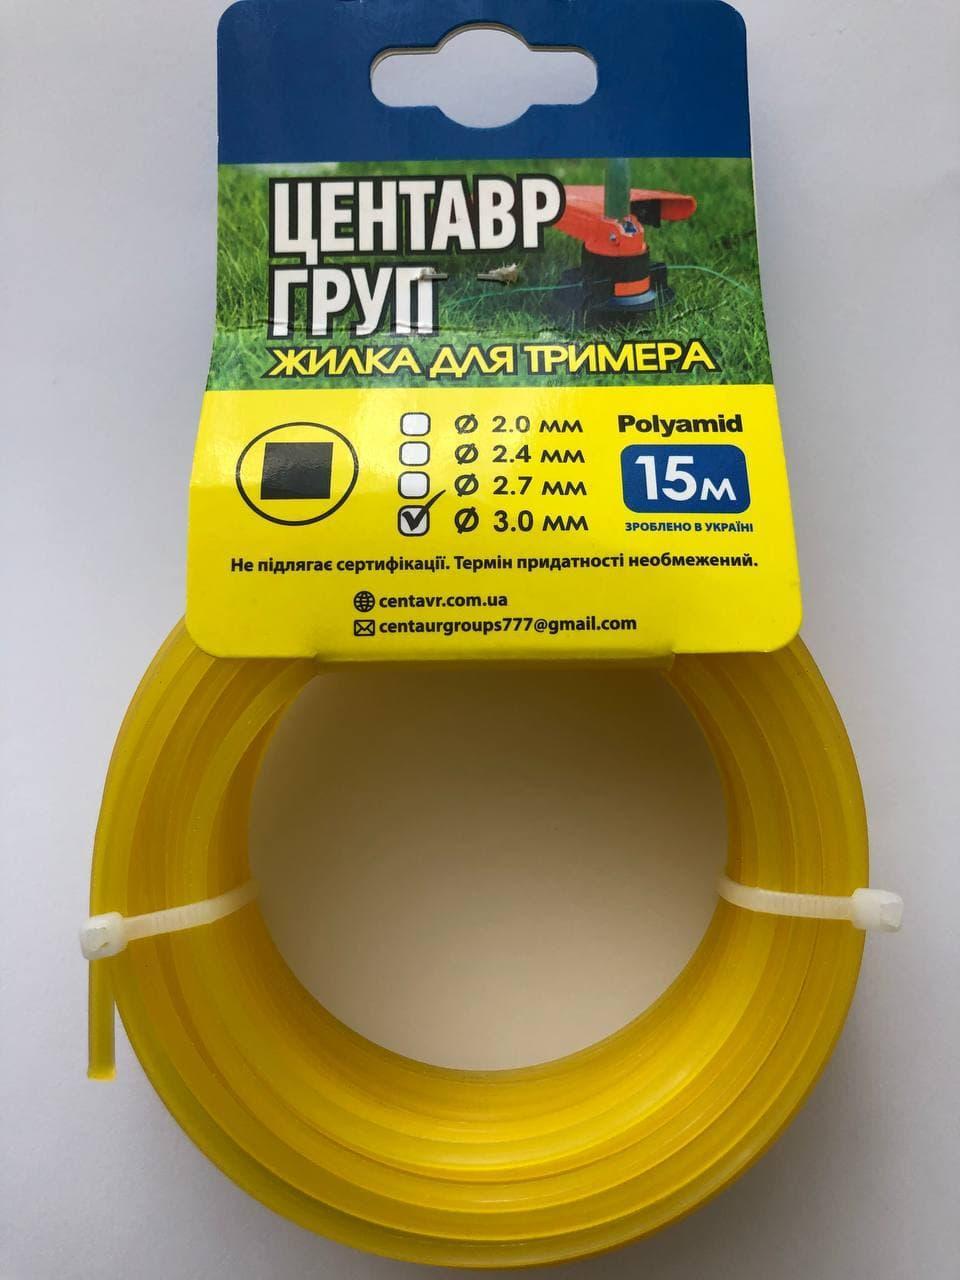 Леска для триммера квадрат из нейлона сечение 3 мм 15 метров производство Украина